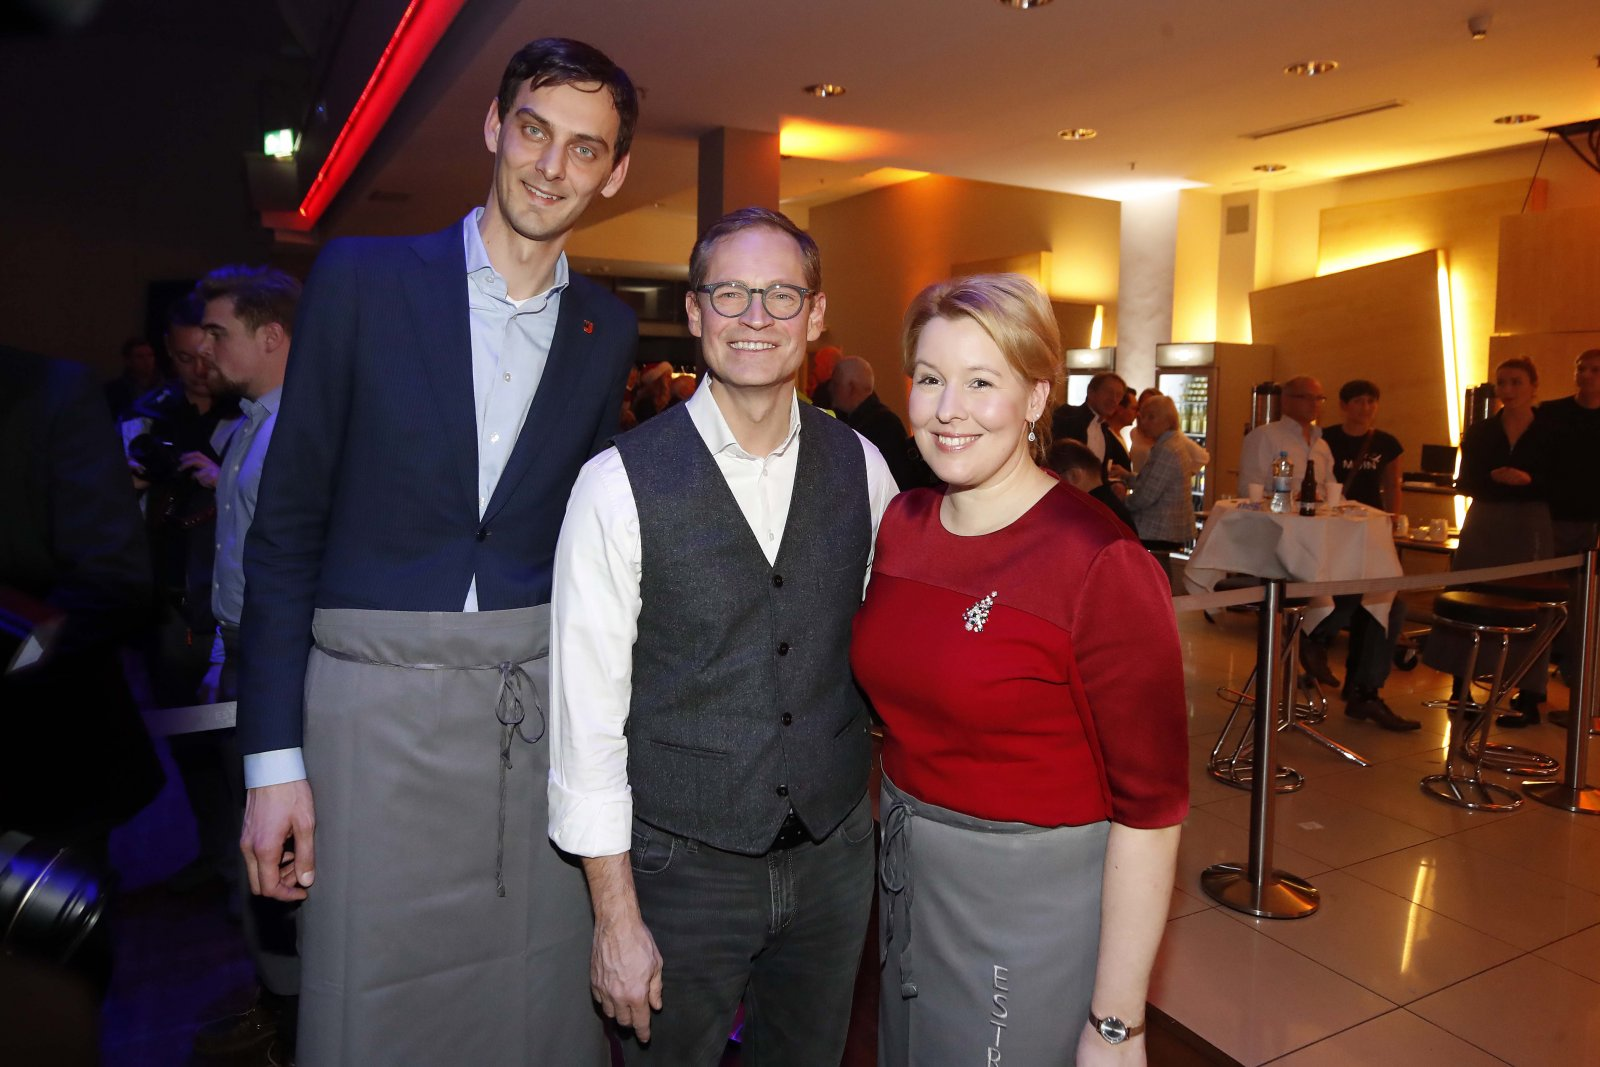 Martin Hikel, Michael Müller, Dr. Franziska Giffey